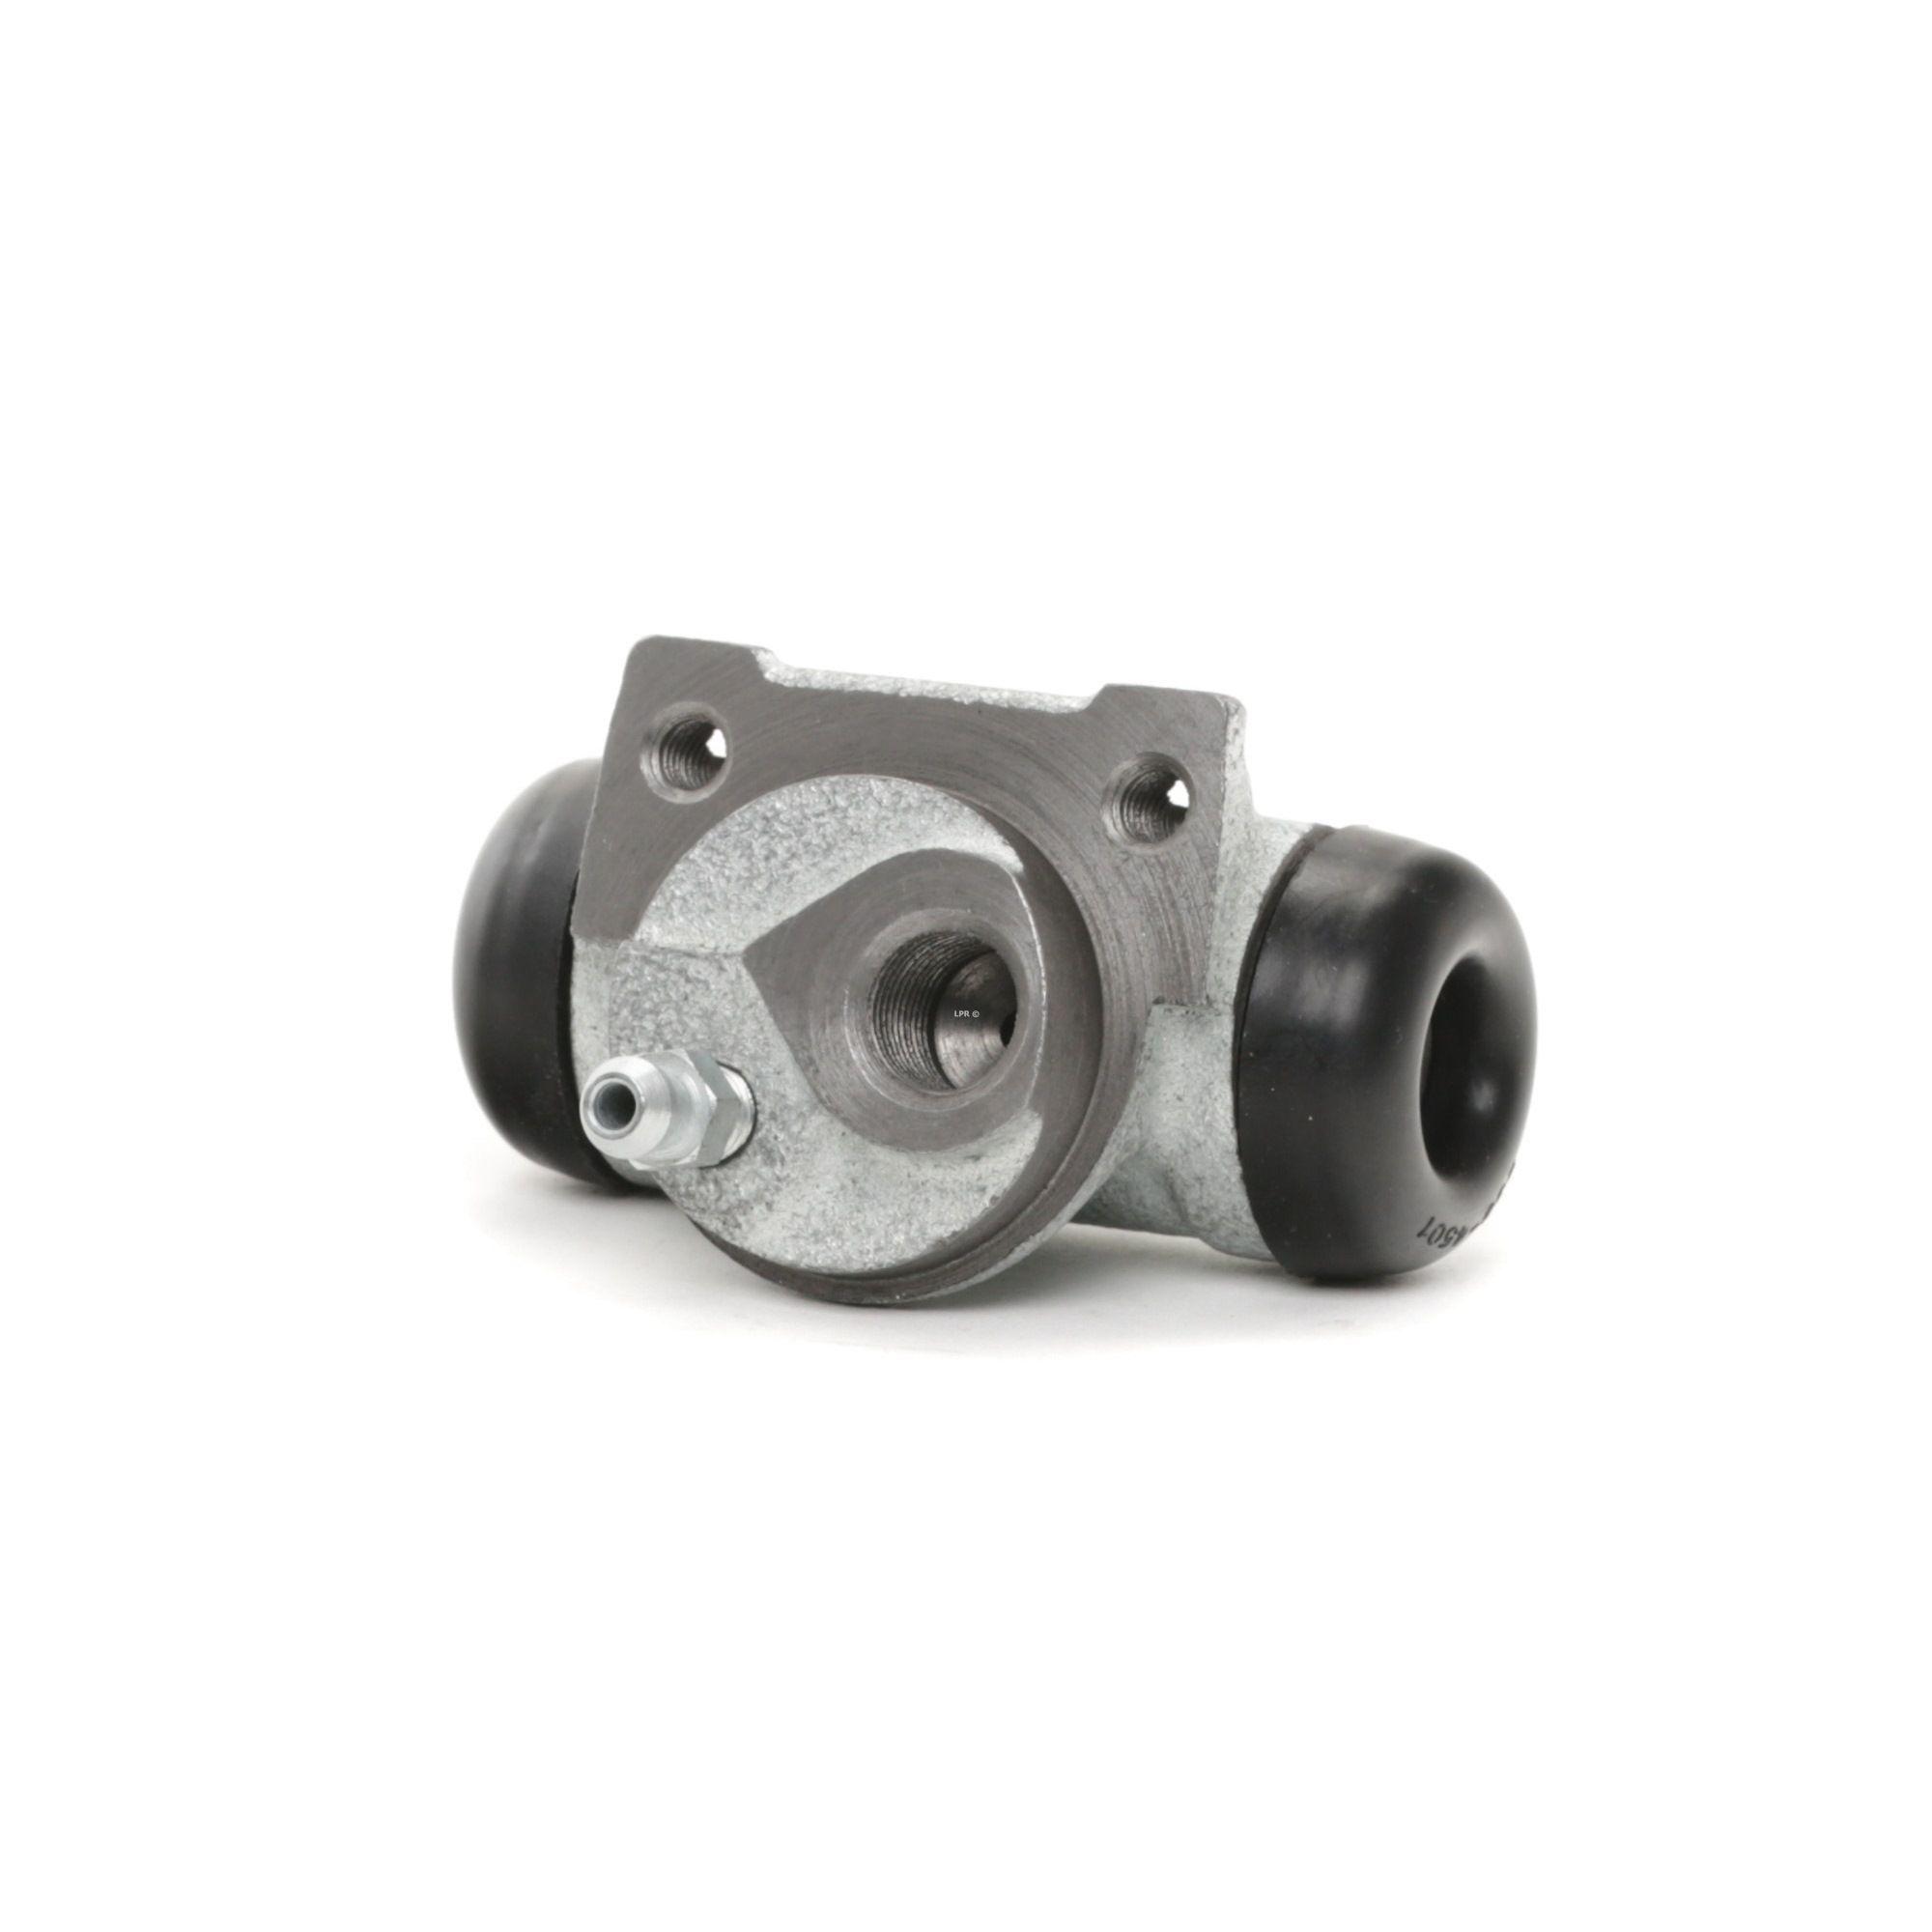 Radzylinder LPR C12127 Bewertung